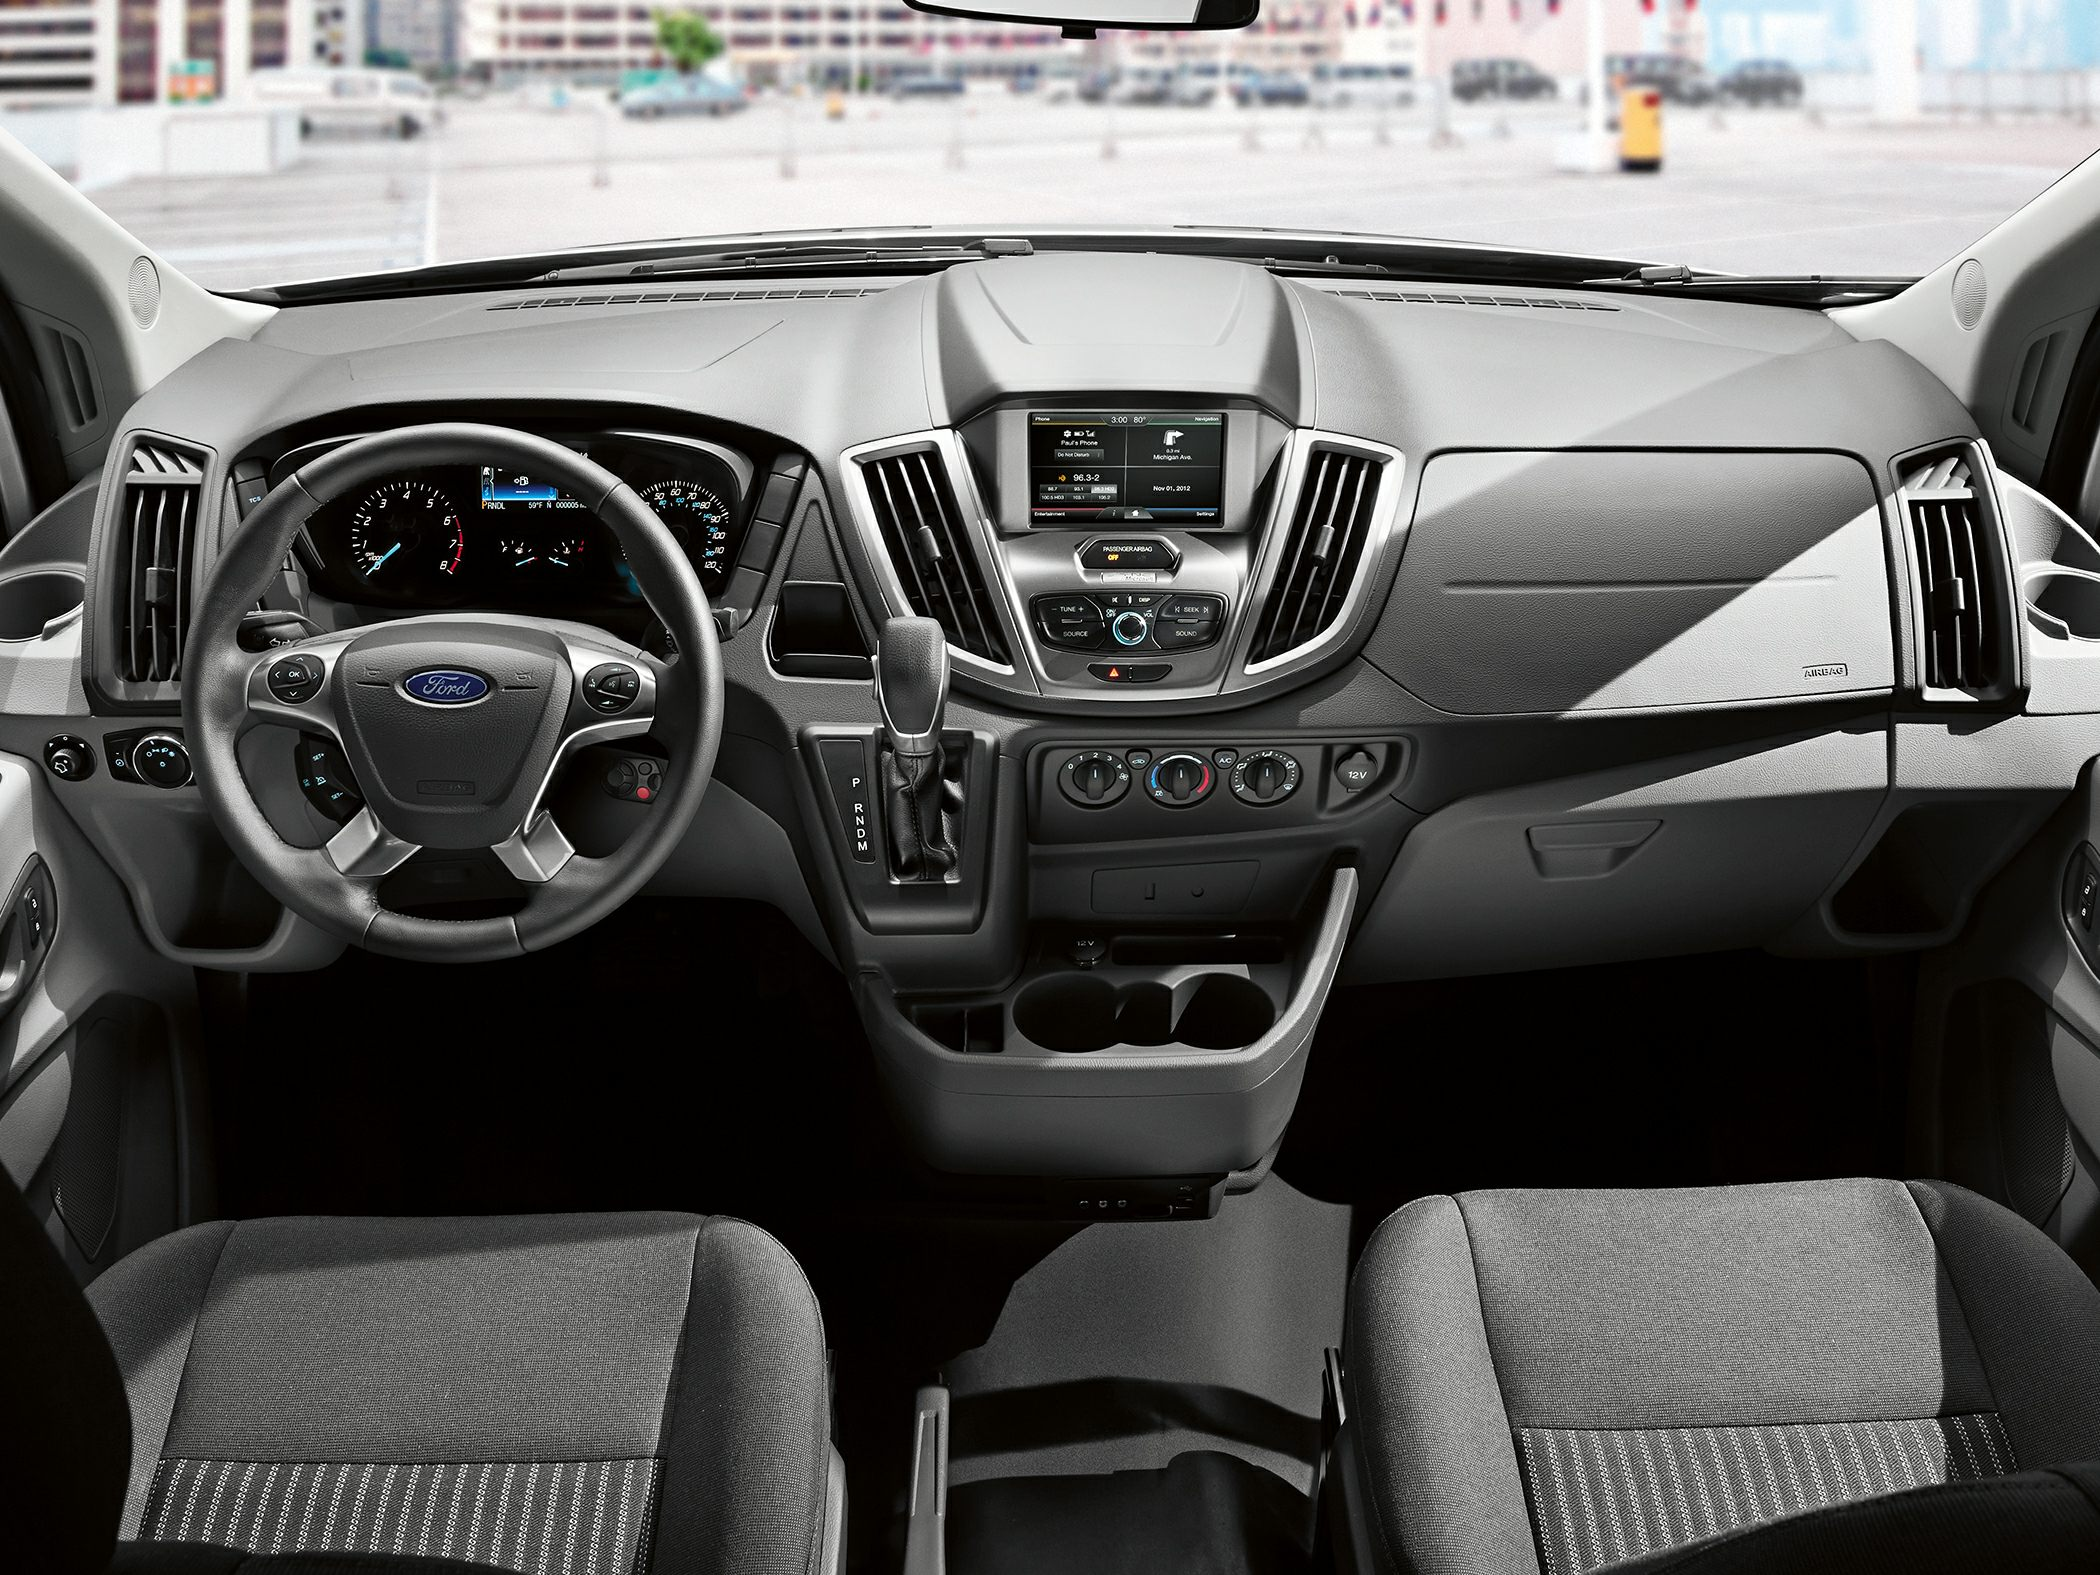 Car Repair Estimate >> 2017 Ford Transit-250 Reviews, Specs and Prices | Cars.com